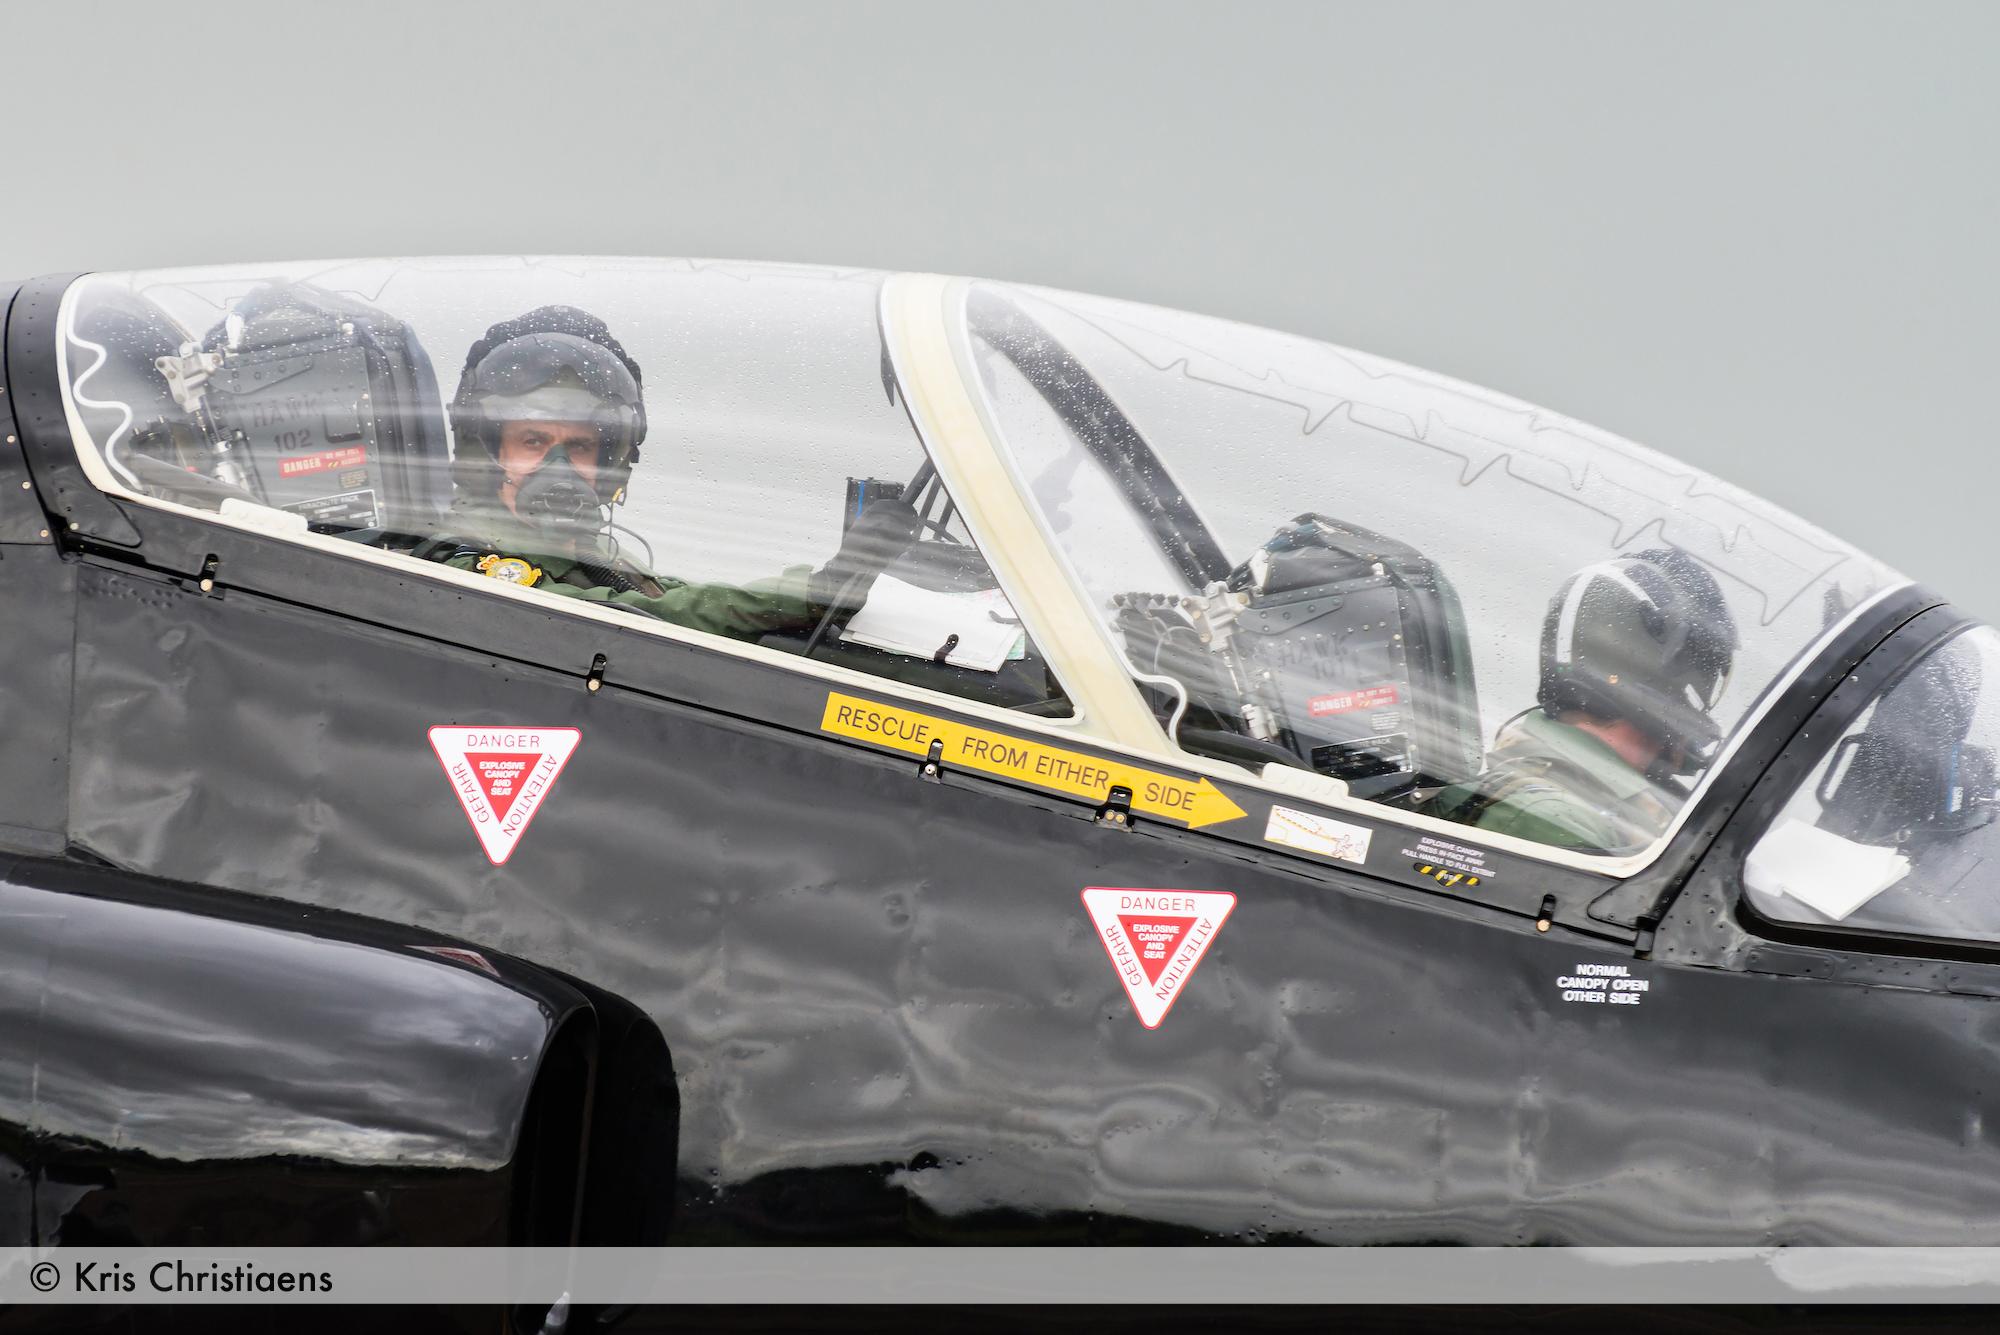 BAE Systems Hawk T1